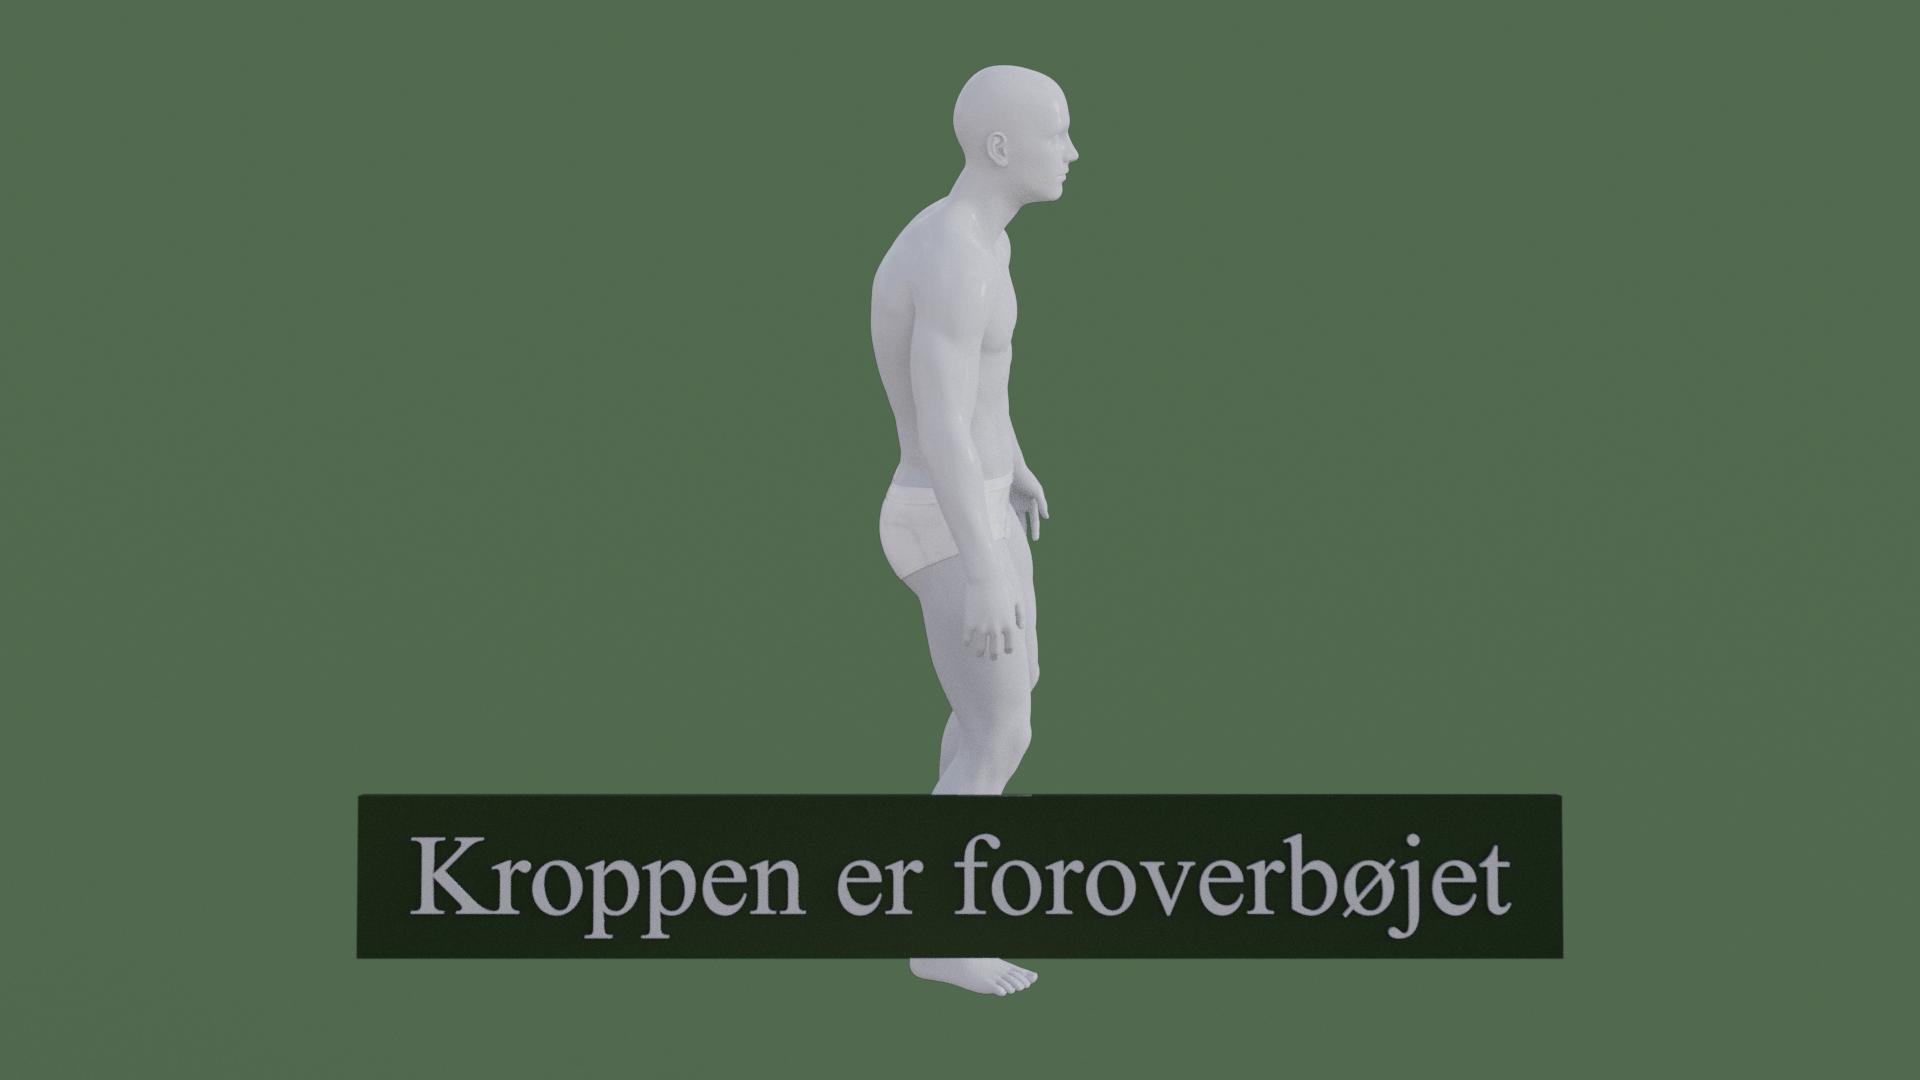 Billedet viser en 3D figur med en meget dårlig kropsholdning. Figuren står i en foroverbøjet stilling.